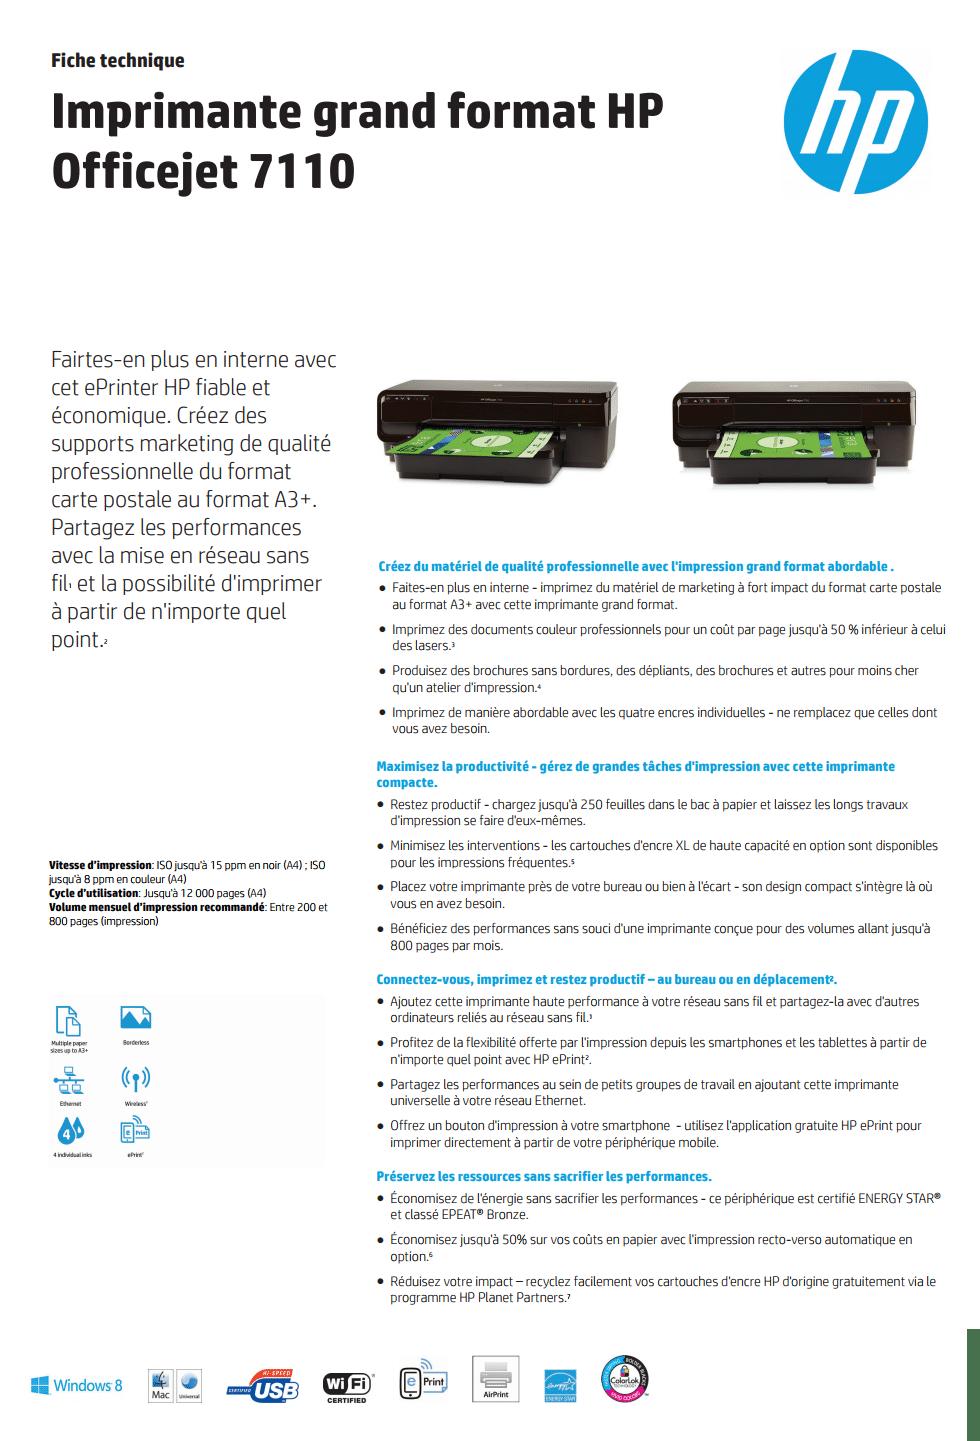 HP OFFICEJET 7110 IMPRIMANTE JET D'ENCRE A3